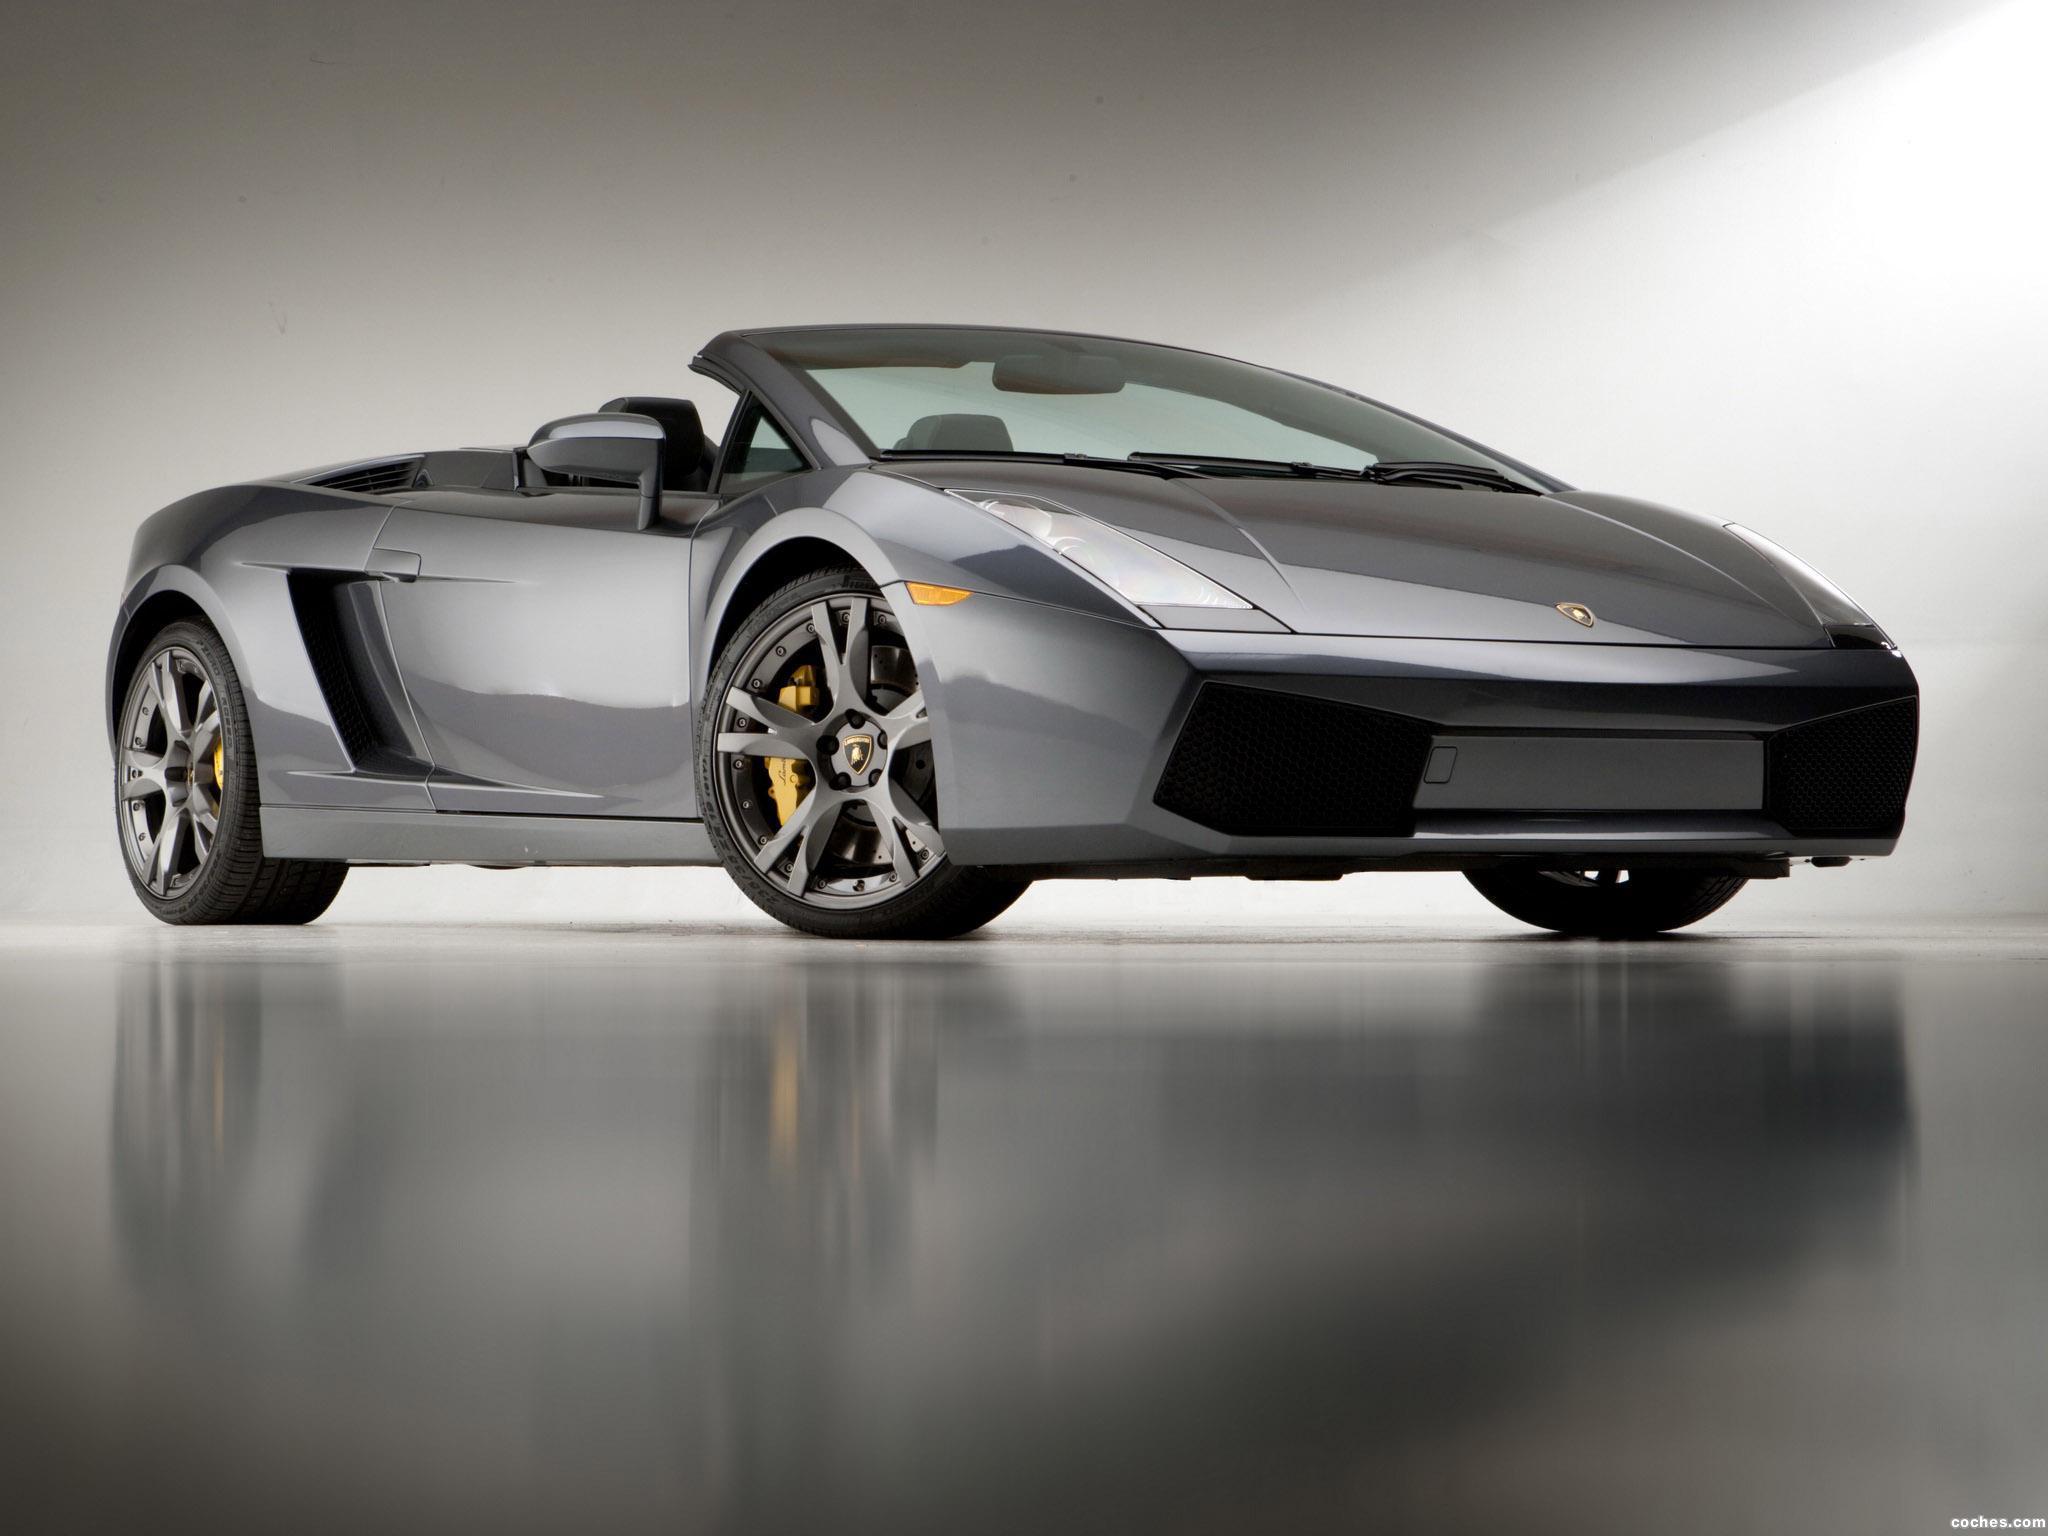 Foto 11 de Lamborghini Gallardo Spyder USA 2006